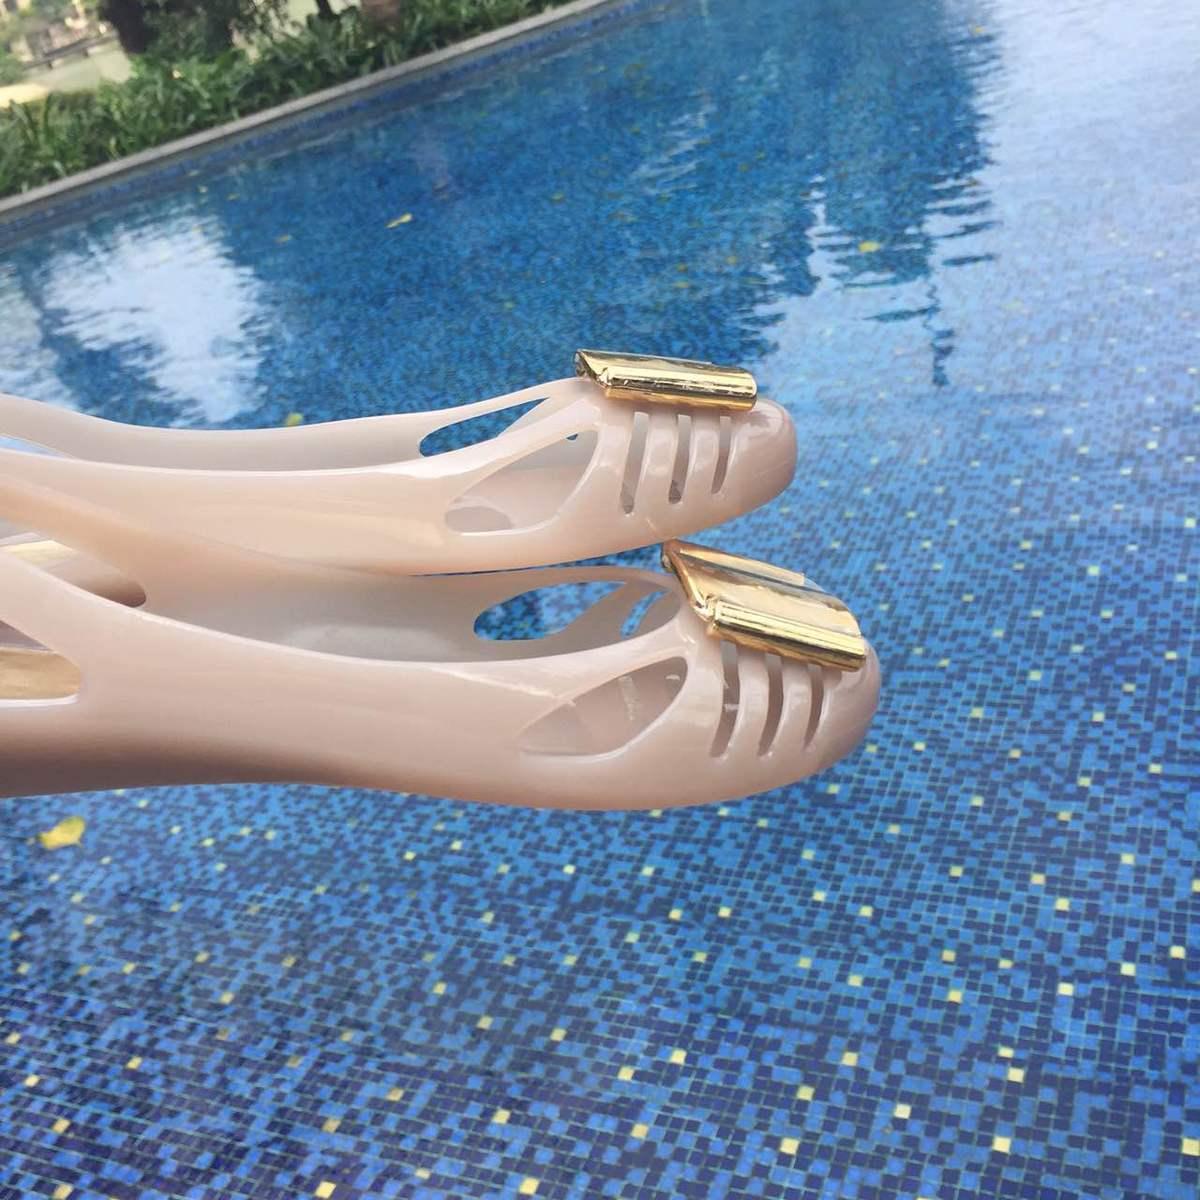 2019春夏金属扣果冻鞋塑胶鞋内增高单鞋防滑沙滩鞋镂空女坡跟凉鞋